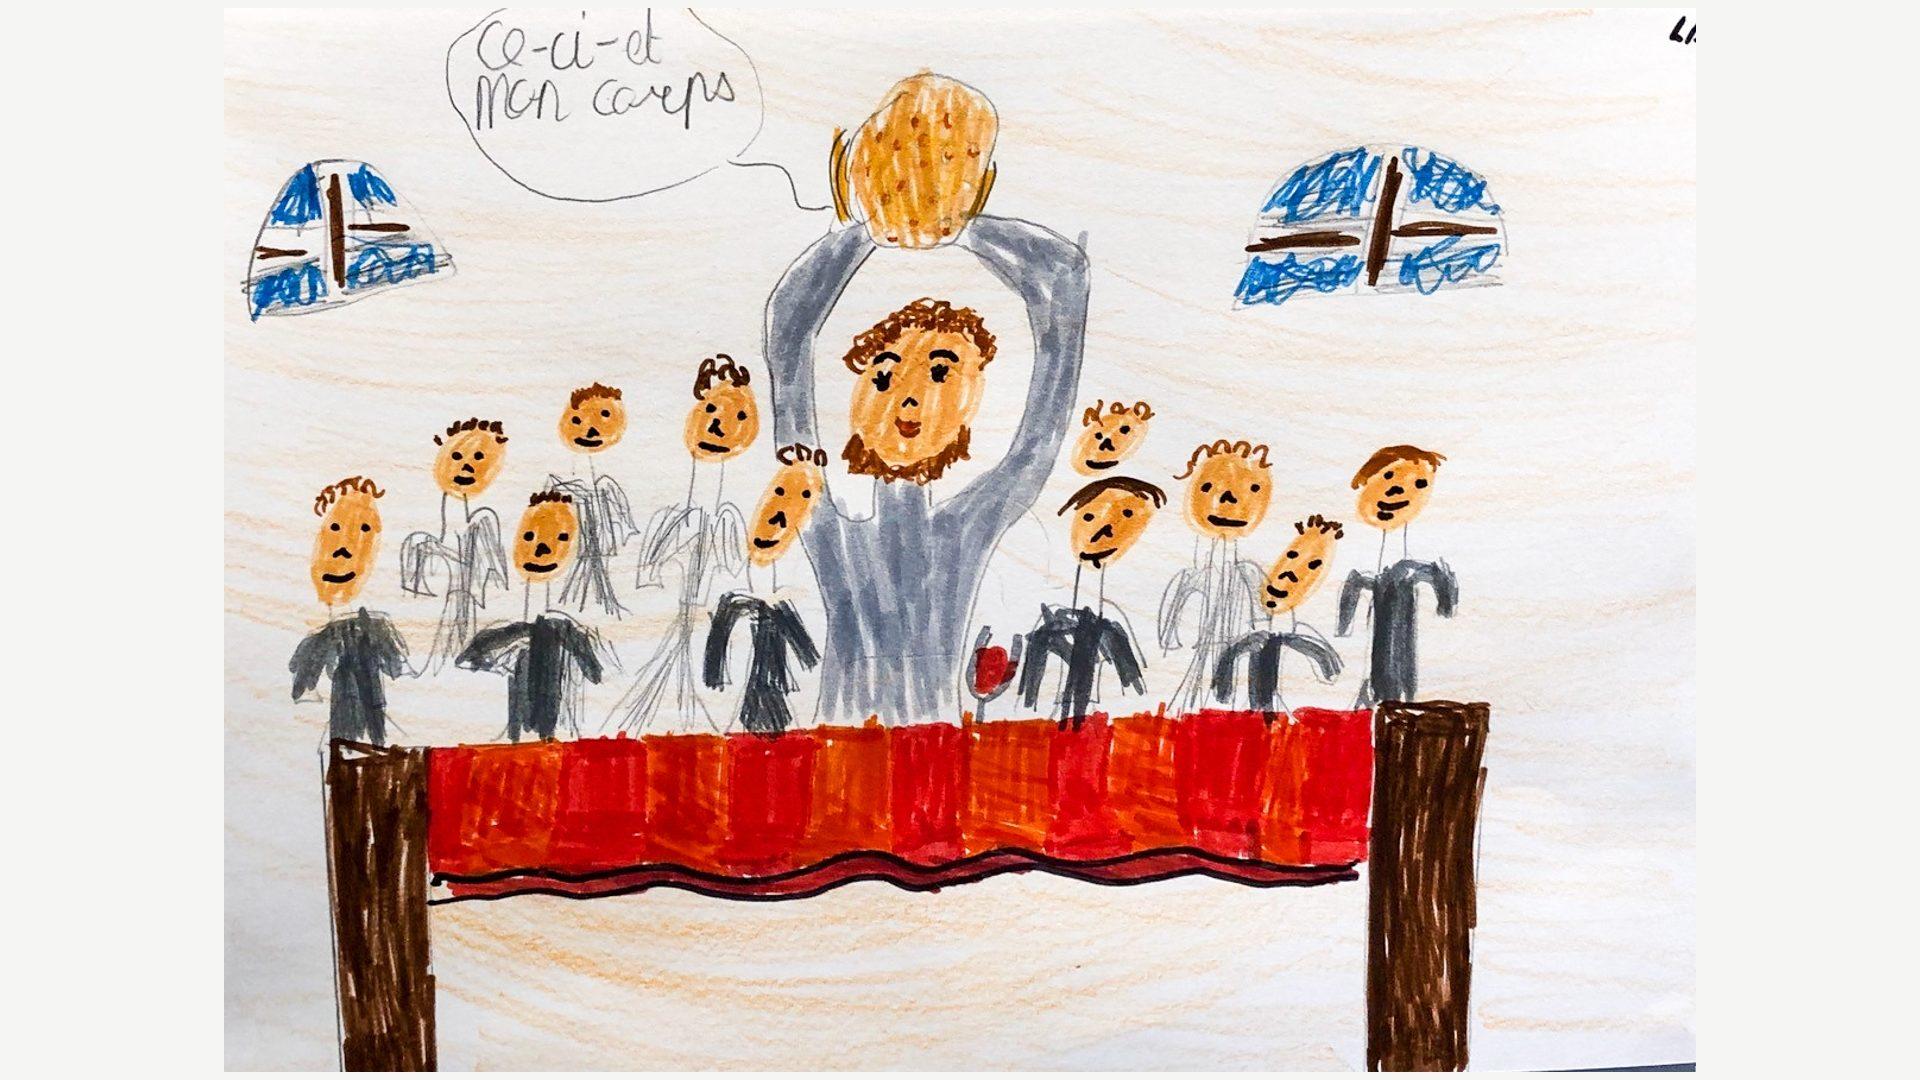 Les enfants de Bulle dessinent la Sainte Cène | © Chantal Reynier